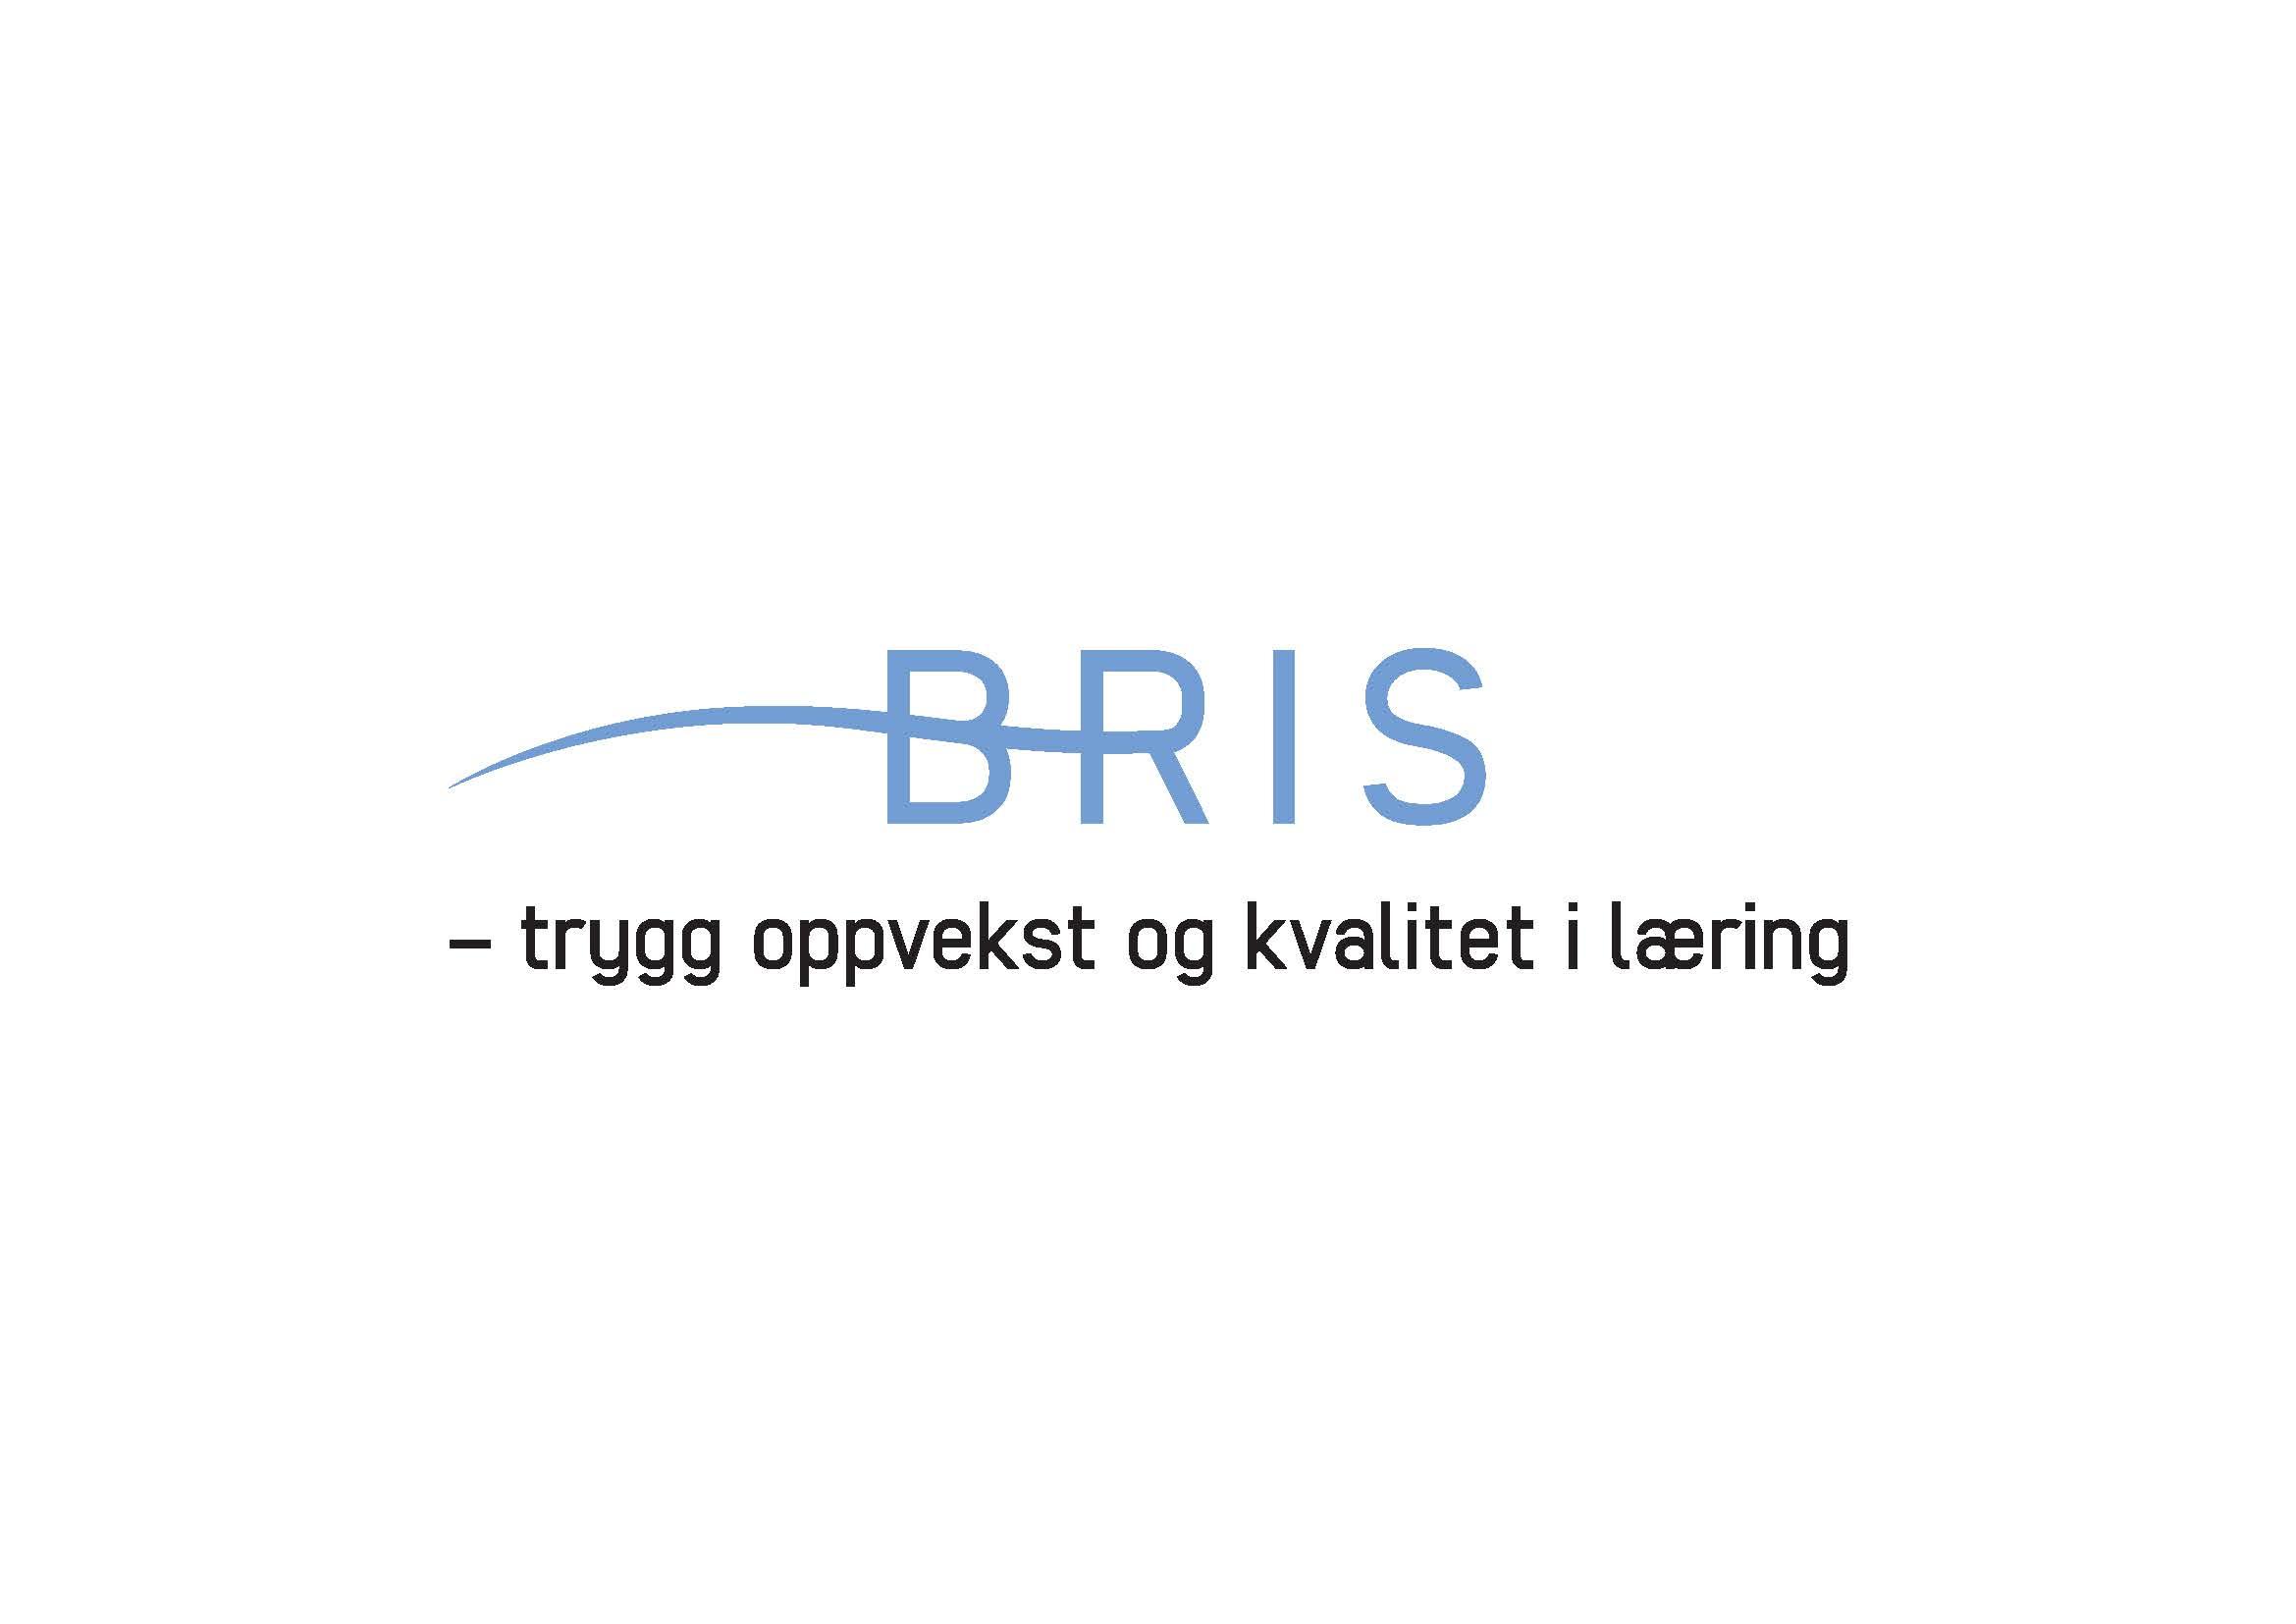 Bris logo.jpg